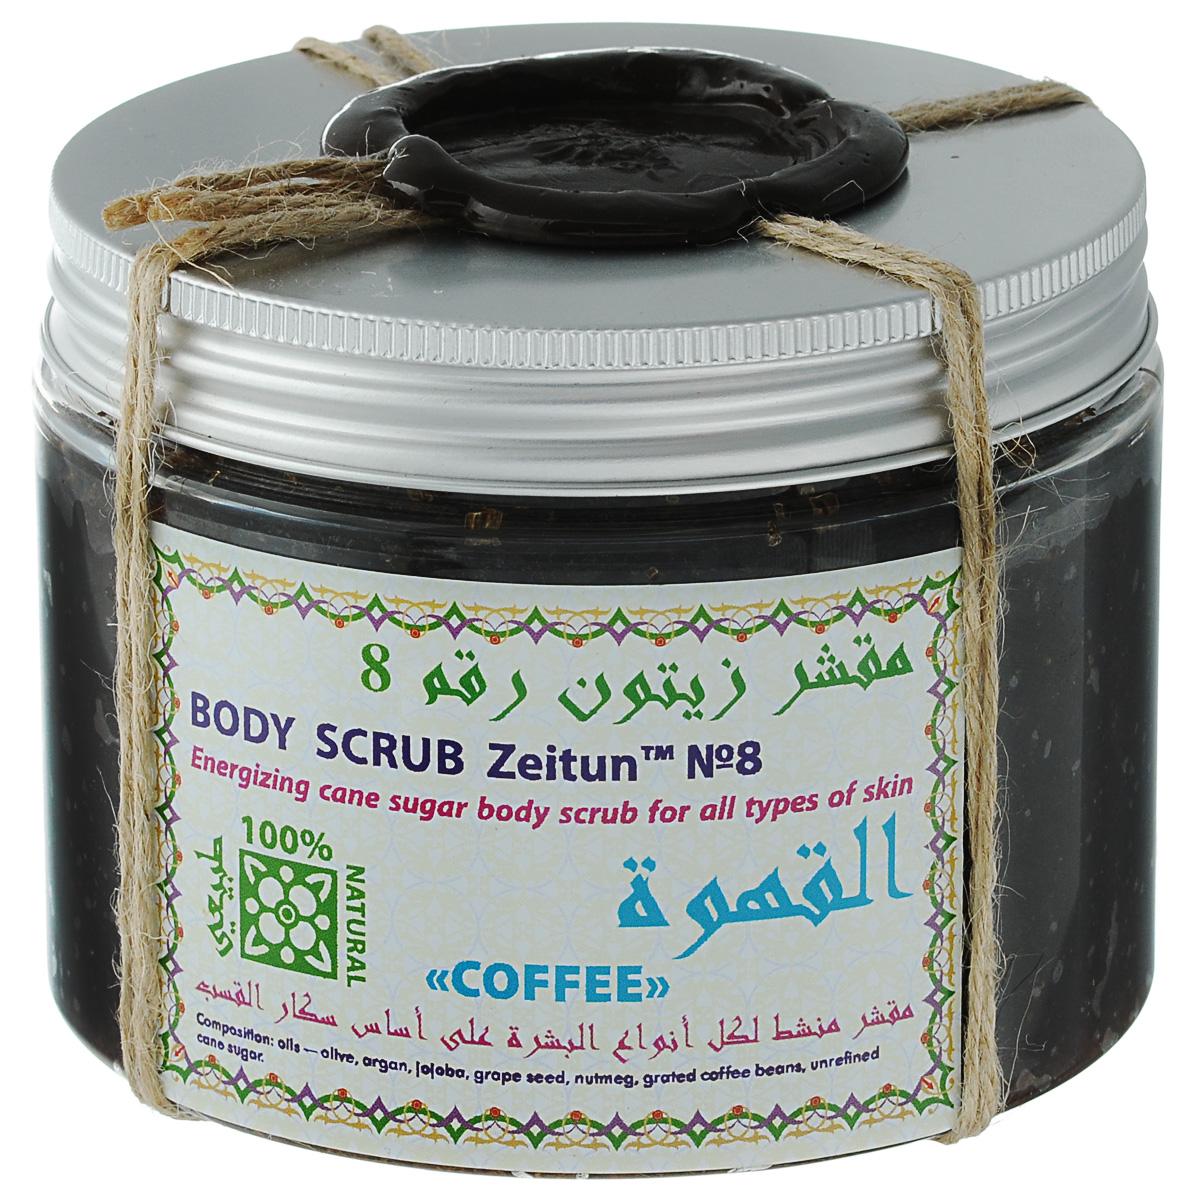 Зейтун Скраб для тела №8 сахарный Кофе, 500 млZ2008Мягко снимает слой отмерших клеток, выравнивает и тонизирует кожу, улучшает её текстуру и цвет. Масла легко впитываются в кожу, увлажняют, смягчают и насыщают её витаминами. Скраб оказывает ощутимое бодрящее и тонизирующее воздействие. Питает, увлажняет, оставляет восхитительный кофейный аромат.